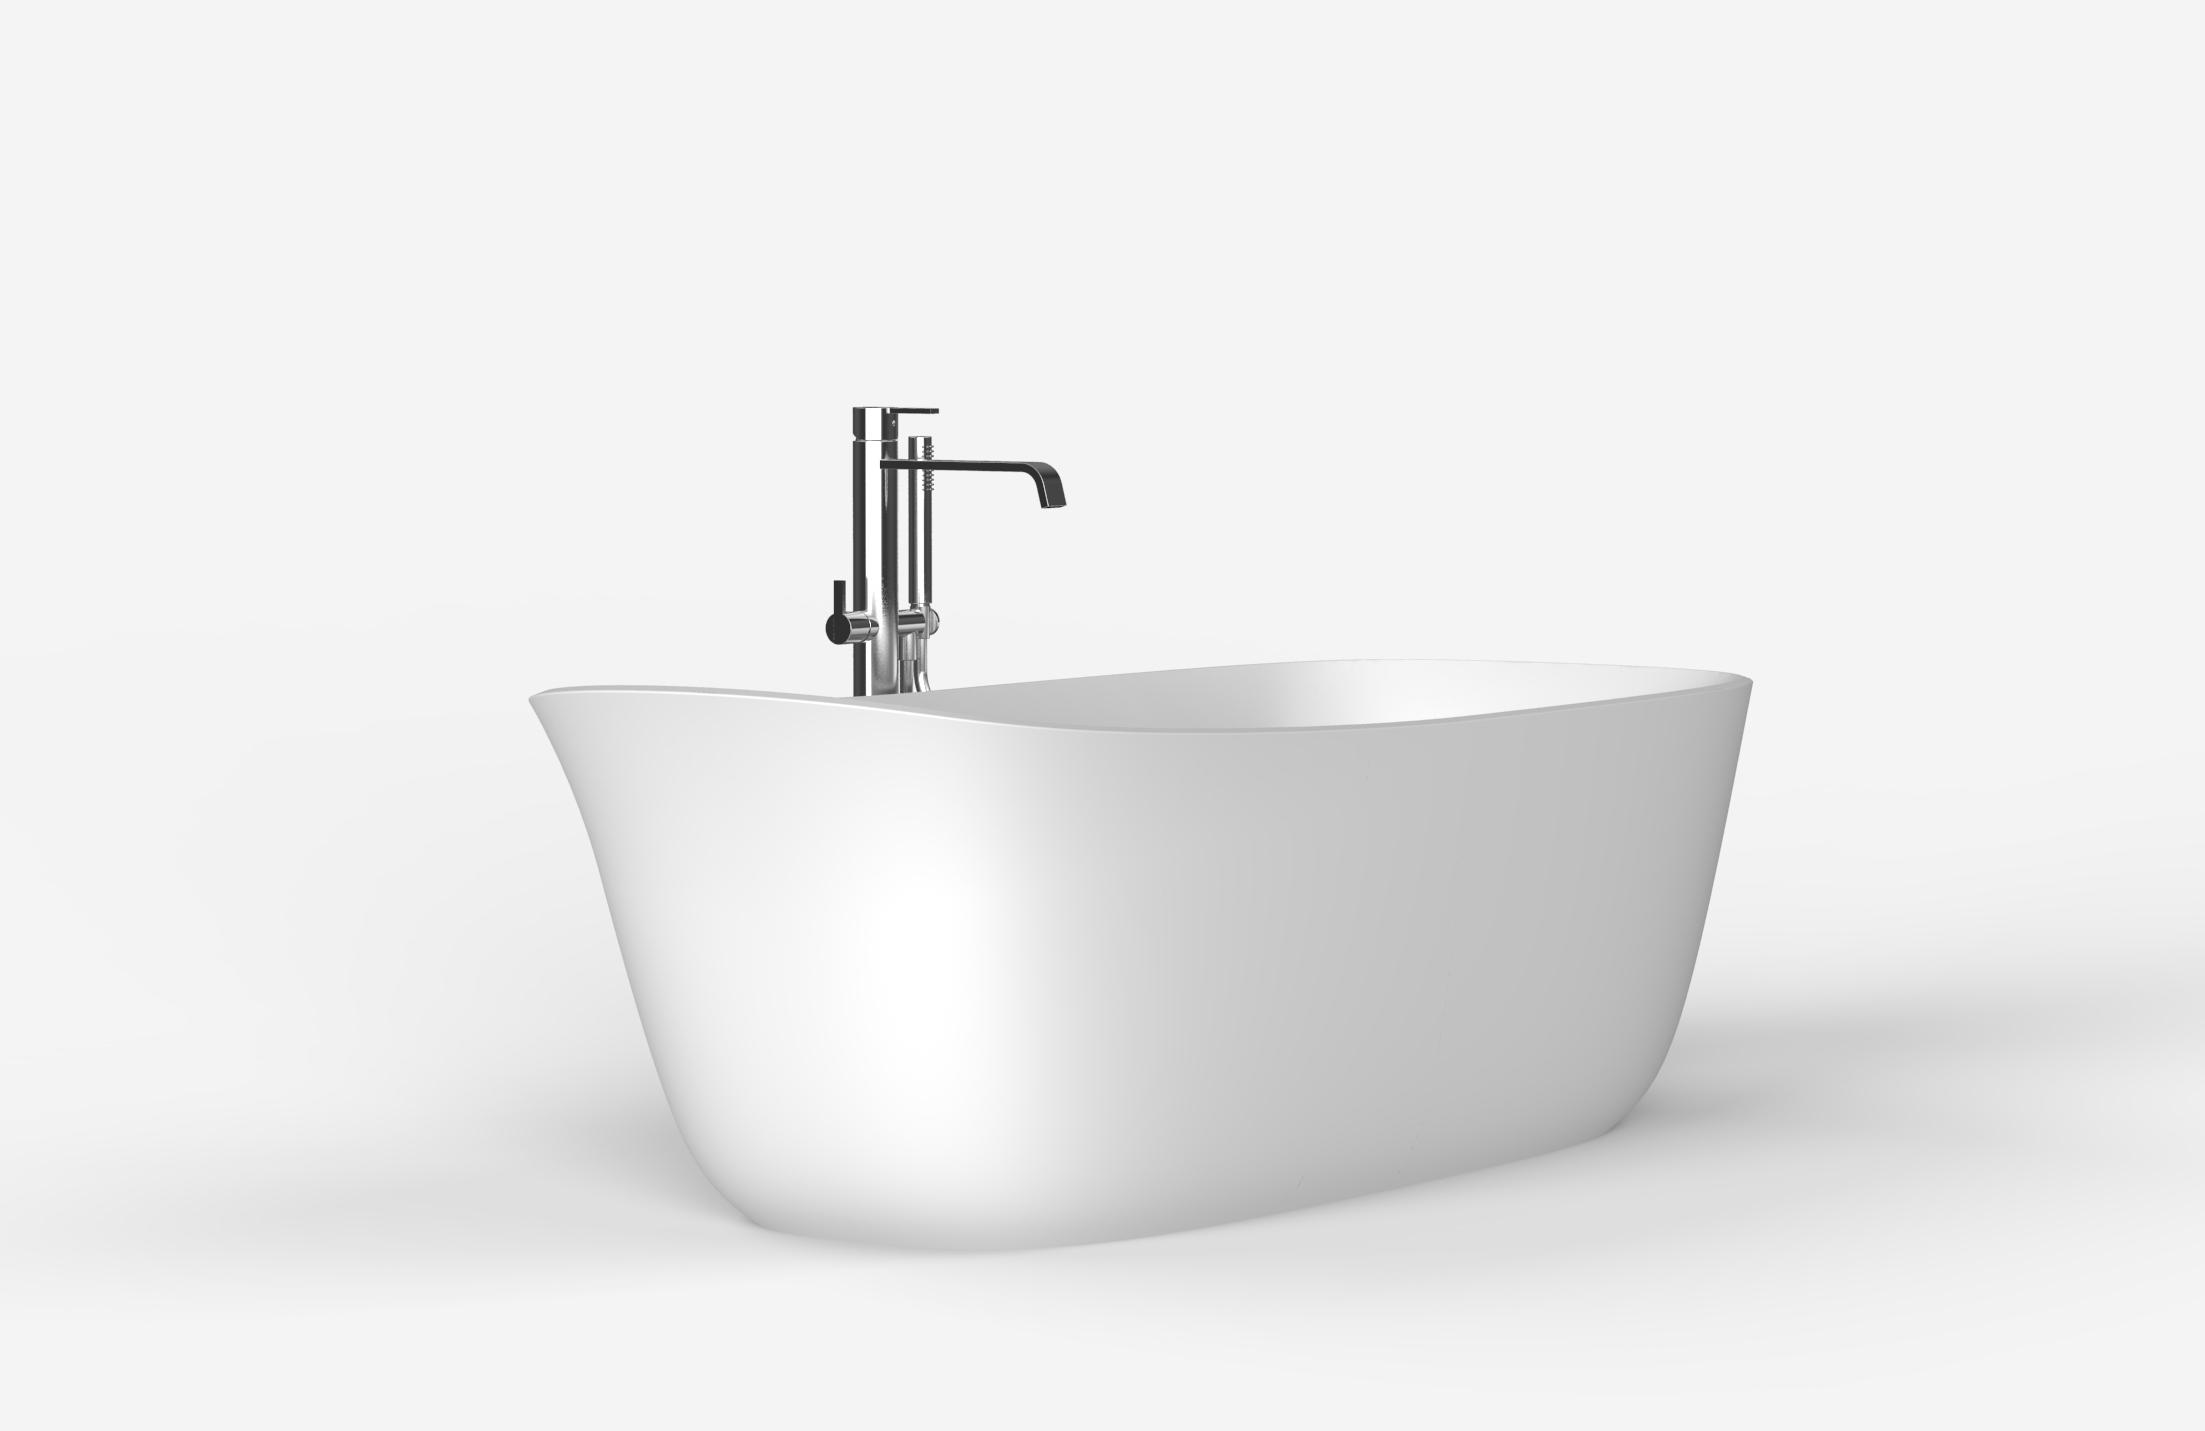 Dafne bathtub by Antoniolupi